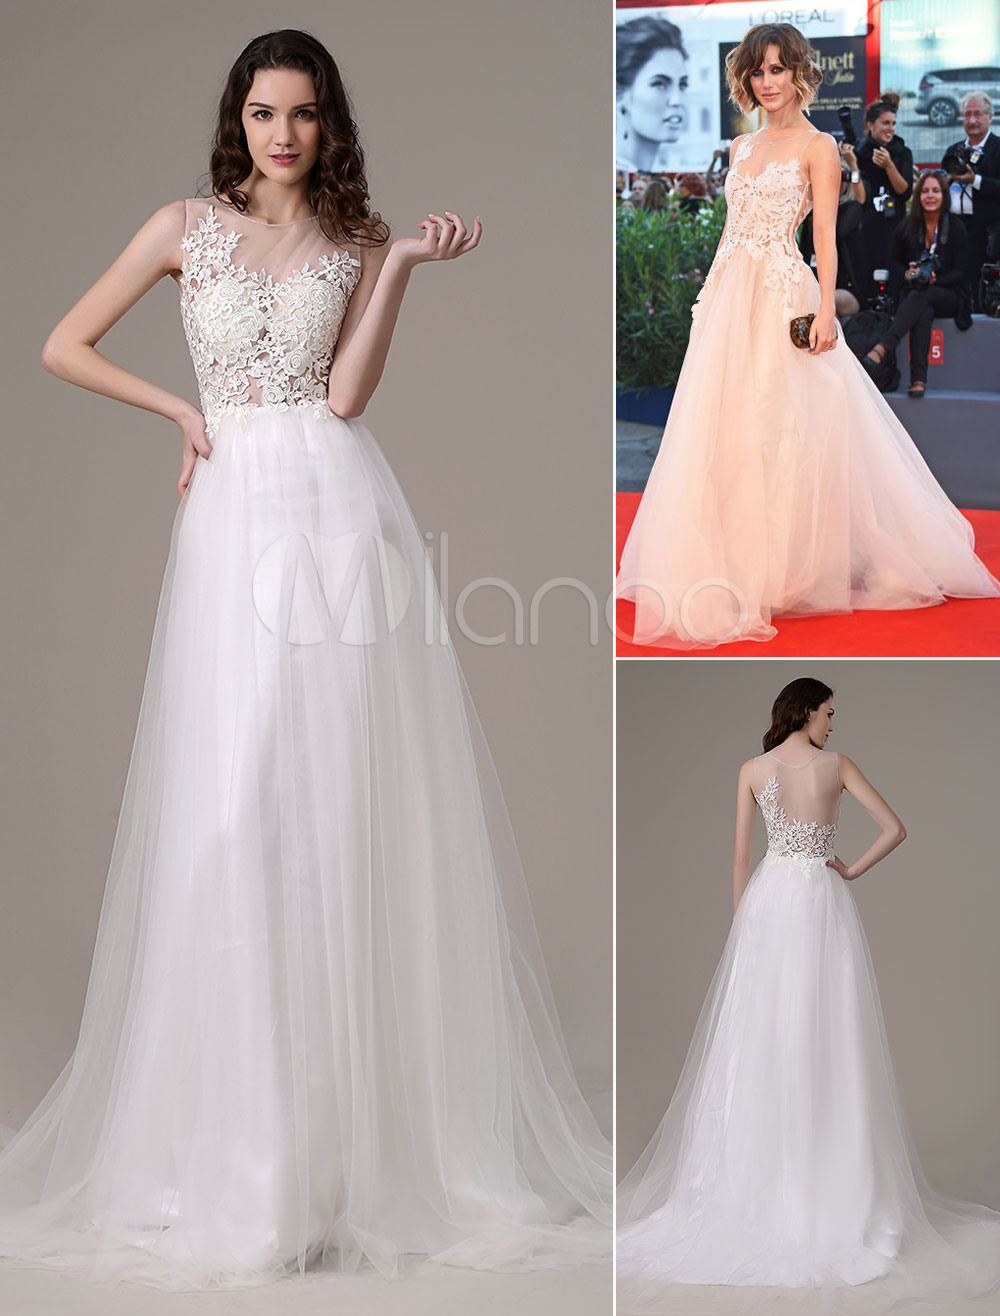 15 Einfach Abendkleid Weiß Bester PreisDesigner Großartig Abendkleid Weiß für 2019